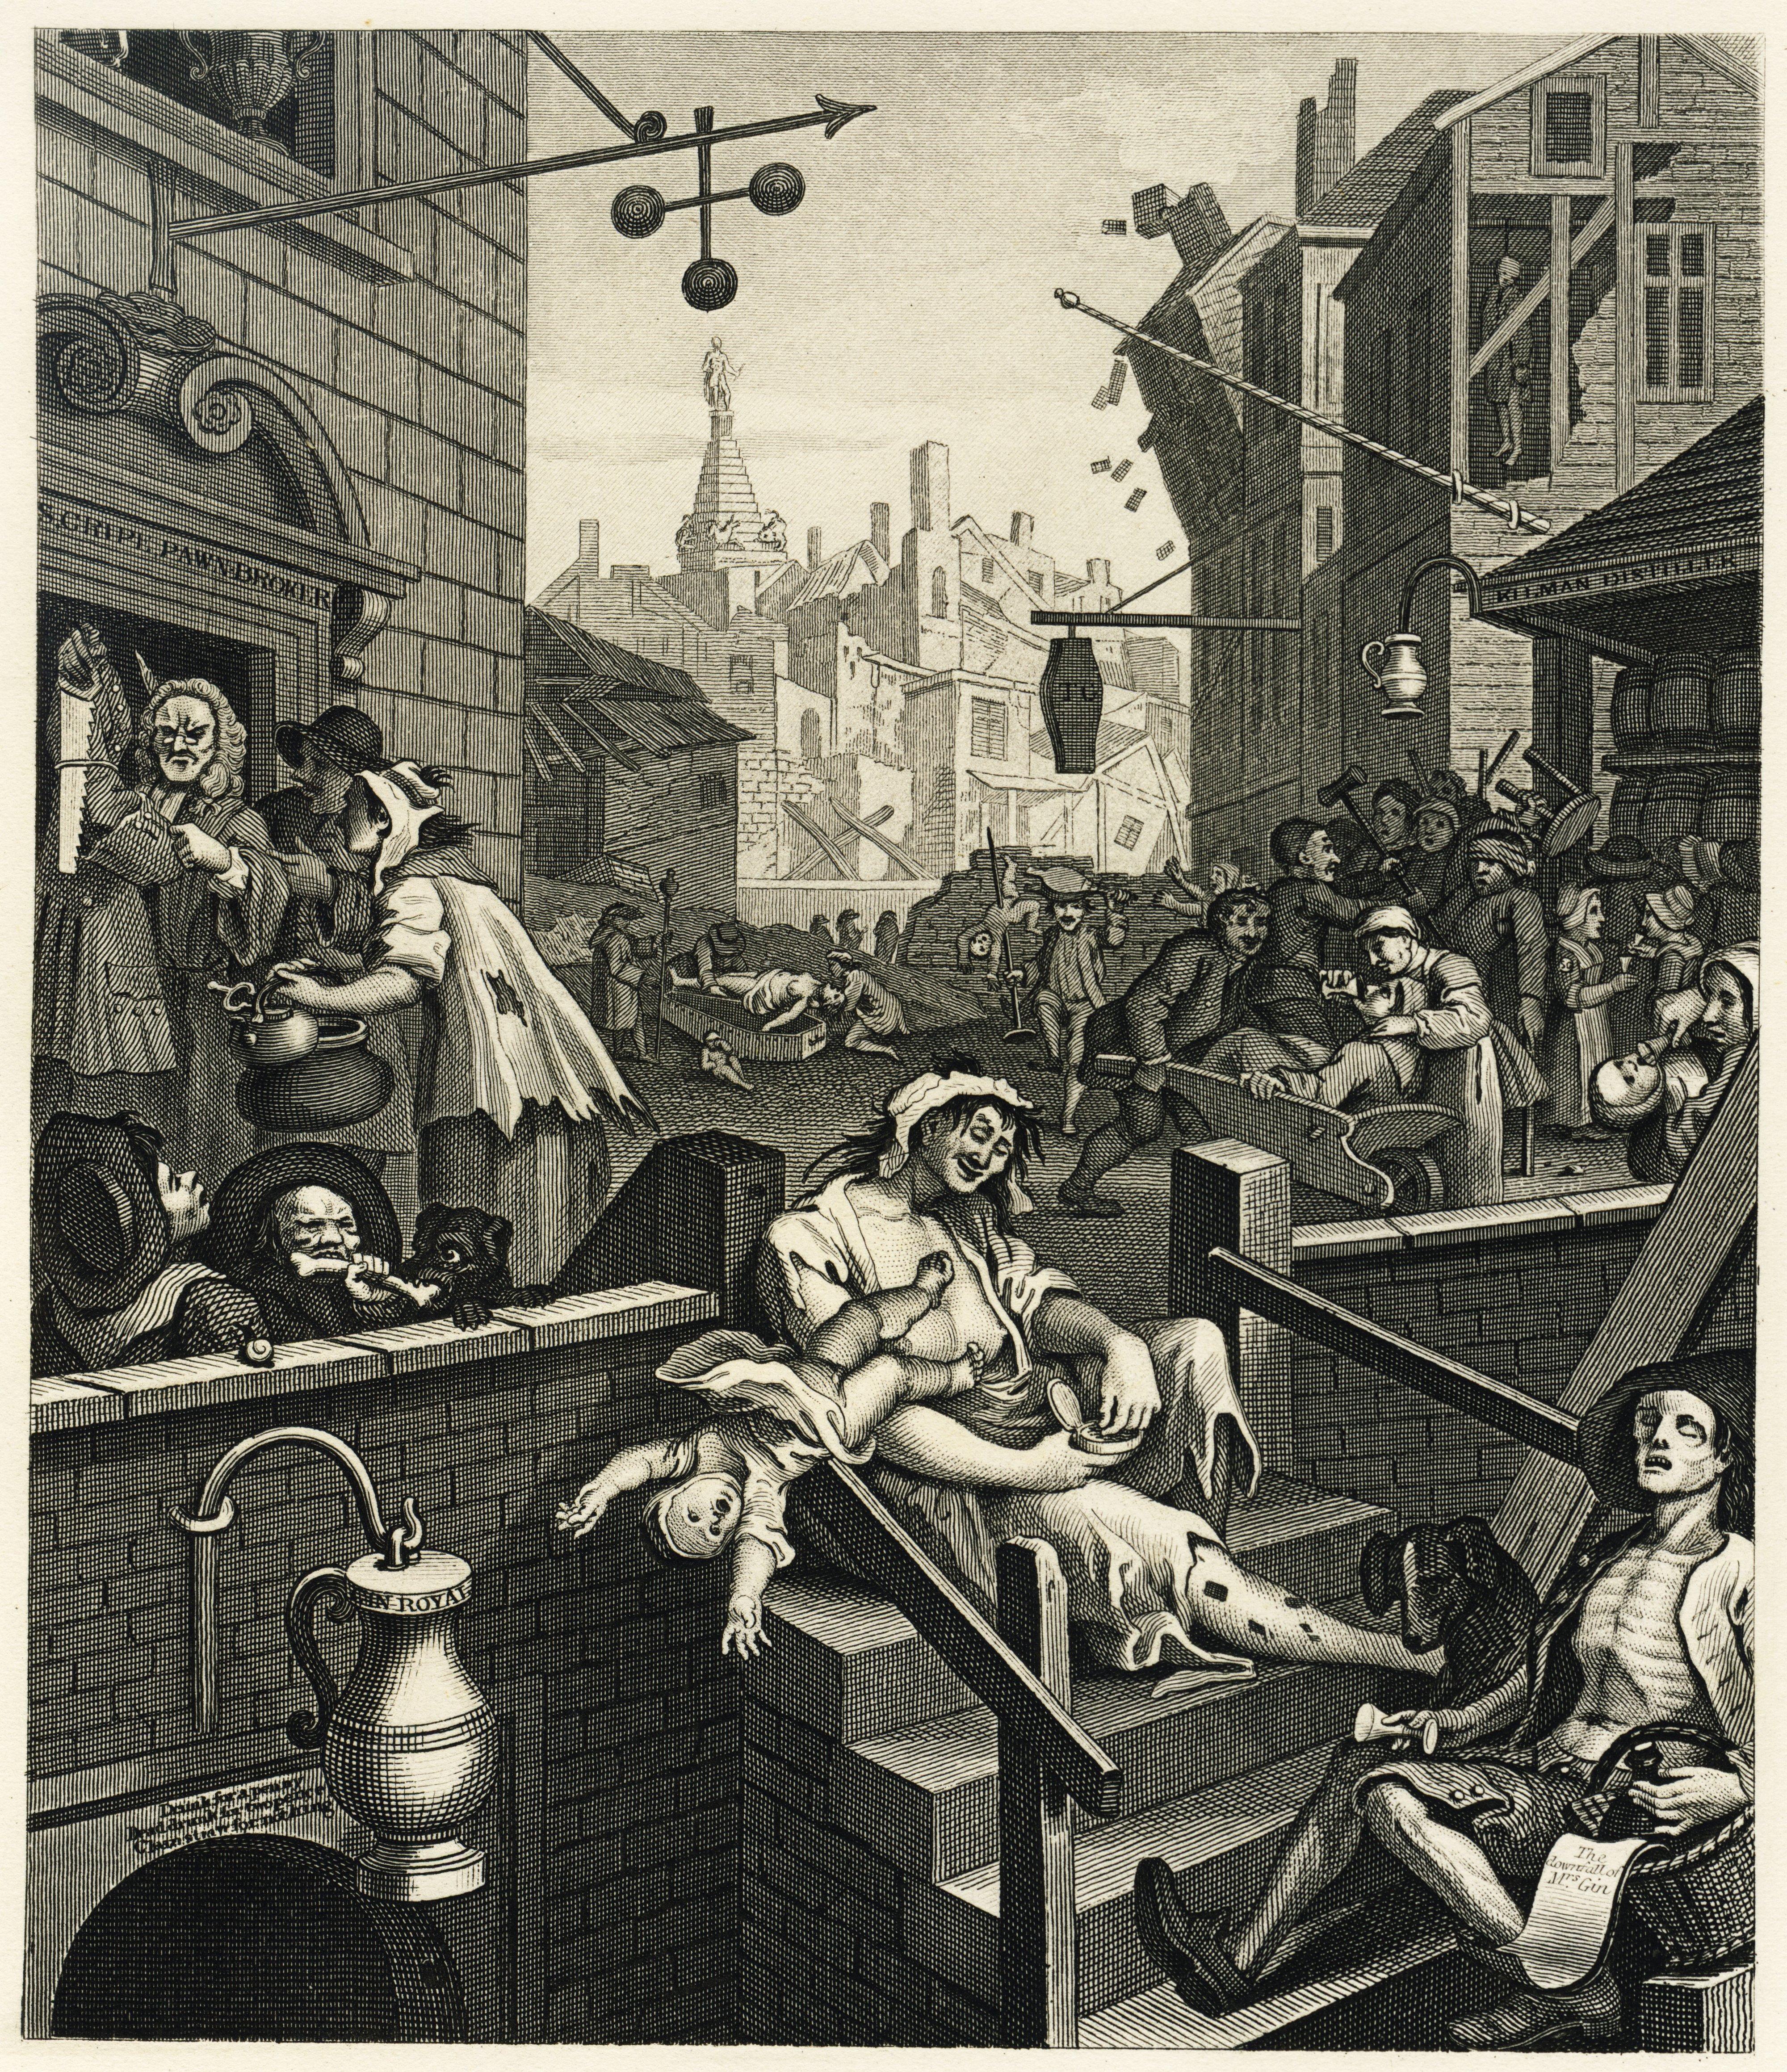 William_Hogarth_-_Gin_LaneHERO MAGAZINE WEEKEND COMBO HALLOWEEN EXCORSIST MUSIC EAT LONDON DEATH JAKE GYLENHALL DONNIE DARKO ART HOGARTH